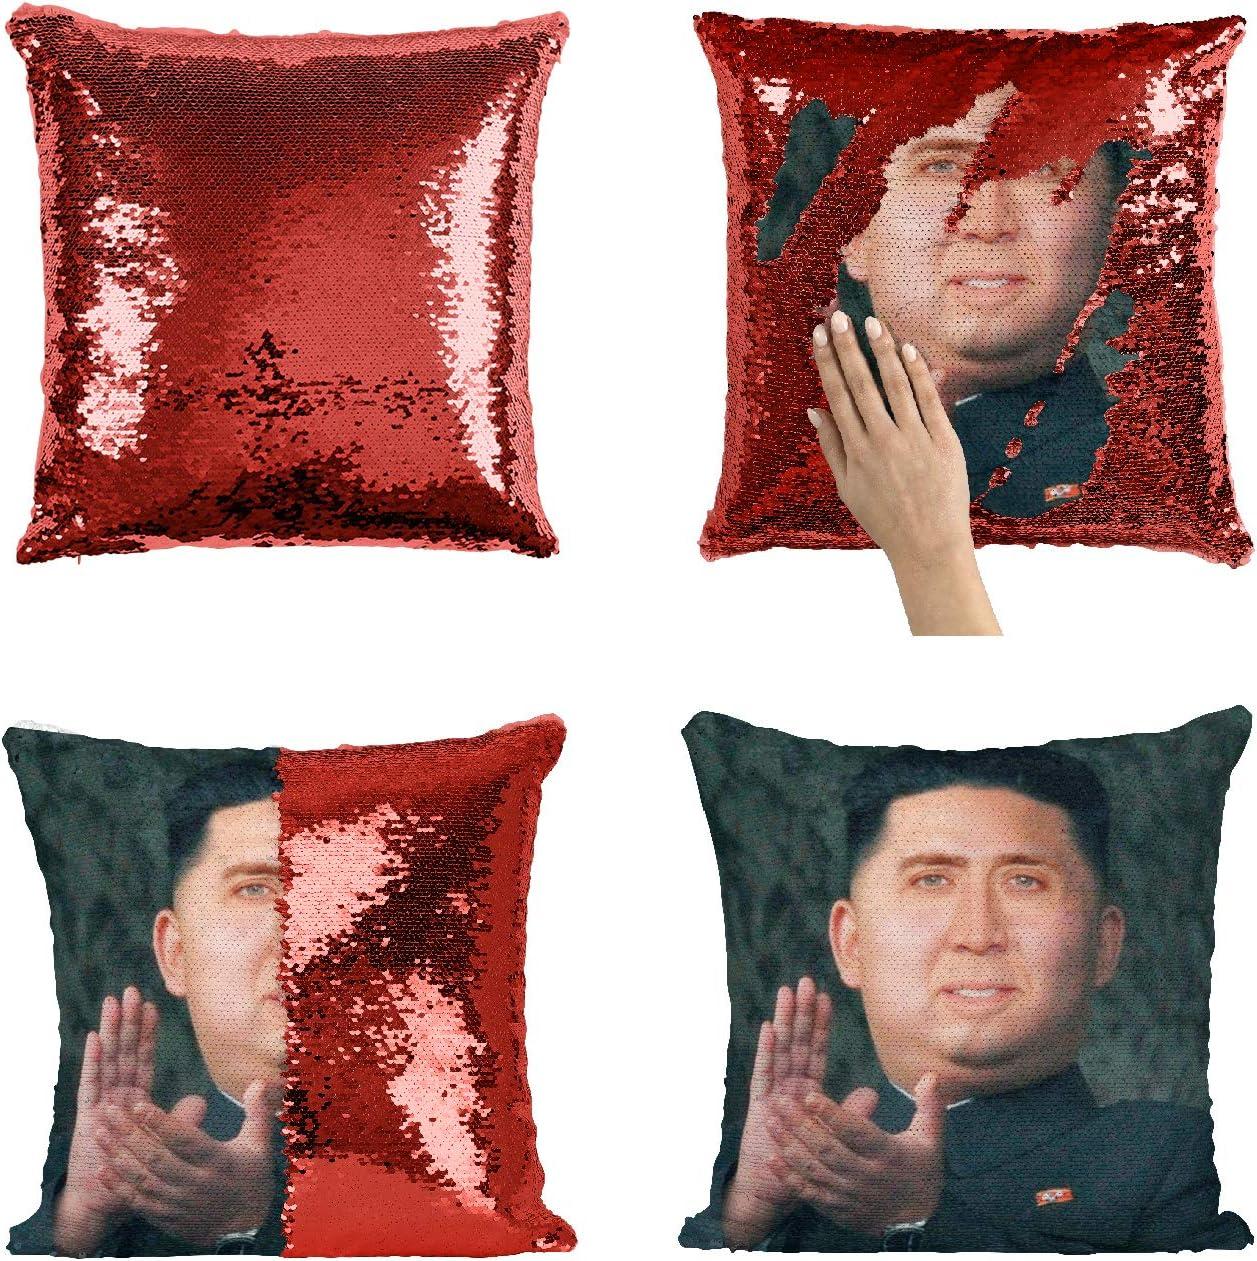 Kim Jong Un Nicolas Cage Sequin Pillowcase, Mermaid Pillow, Reversible Pillow, Pillowcase Funny Pillow, Xmas, Birthday, Gift, Present, Celebrity Animation Fanart (Pillow Cover)